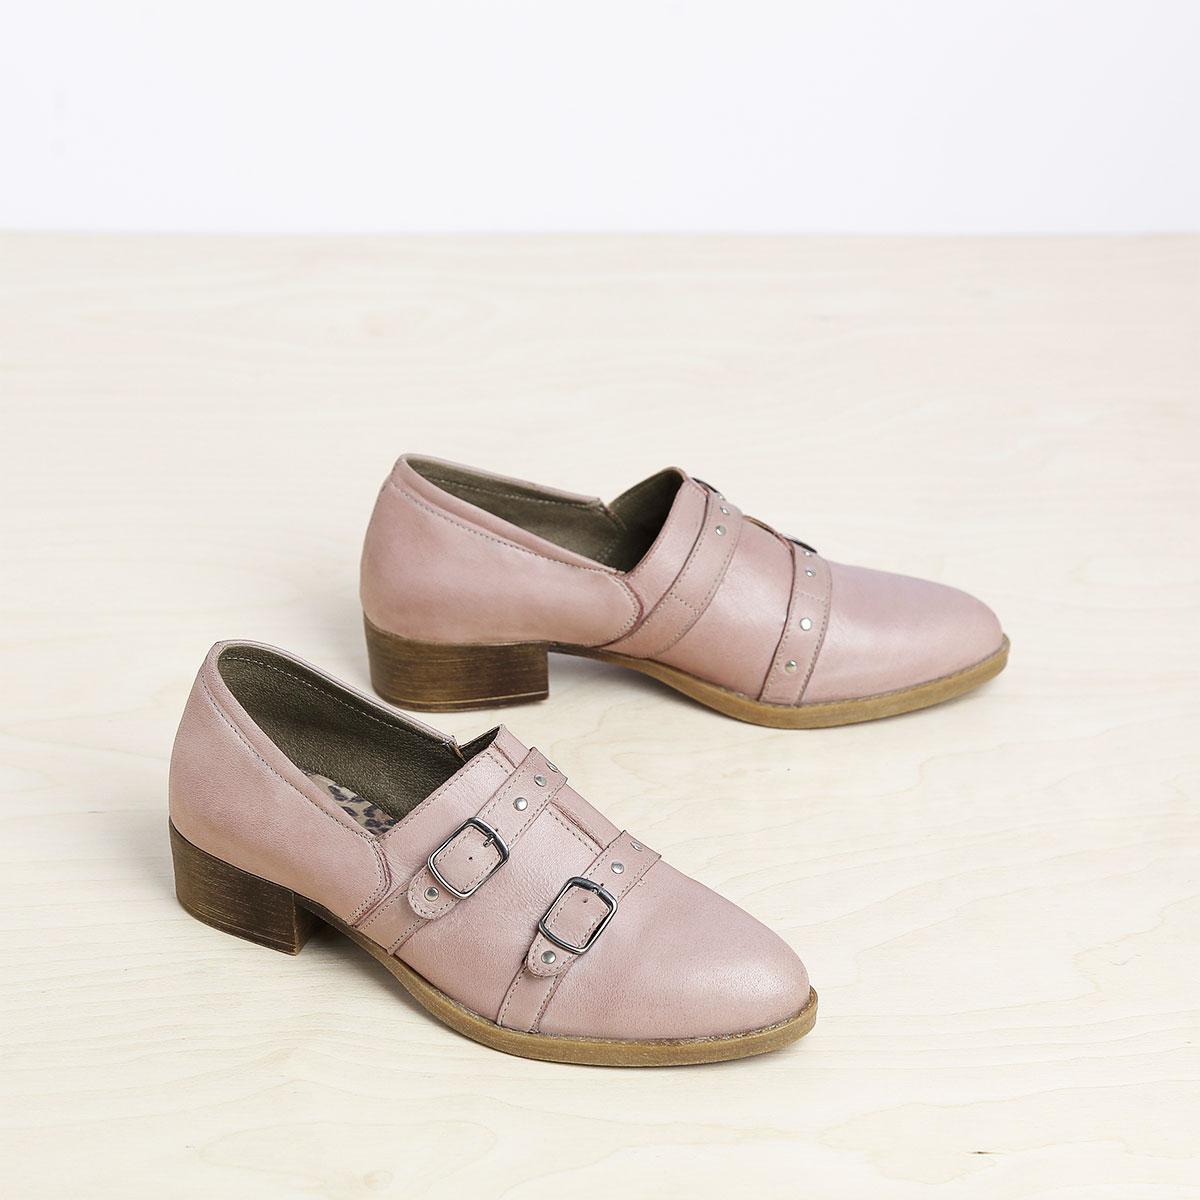 בלעדי לאתר - דגם ציריך: נעלי אוקספורד לנשים בצבע ורוד